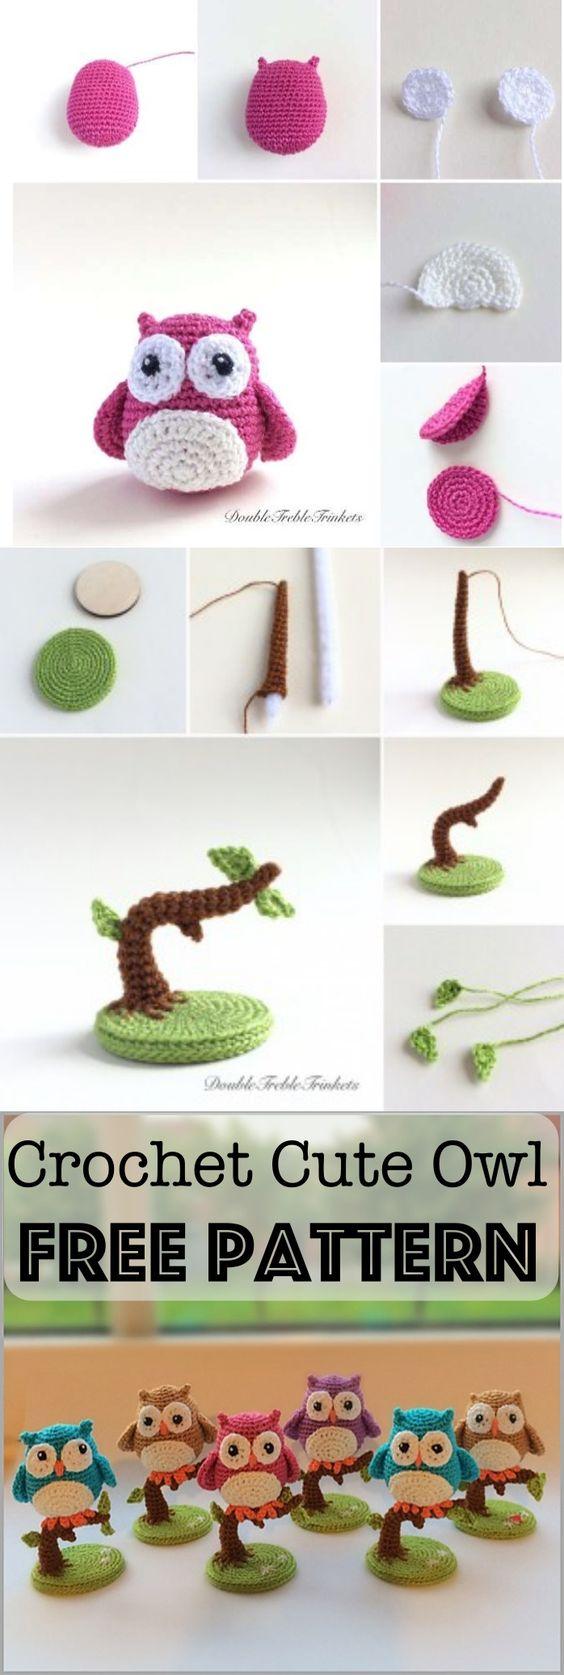 #Crochet Cute Little #Owls with Free #Pattern: